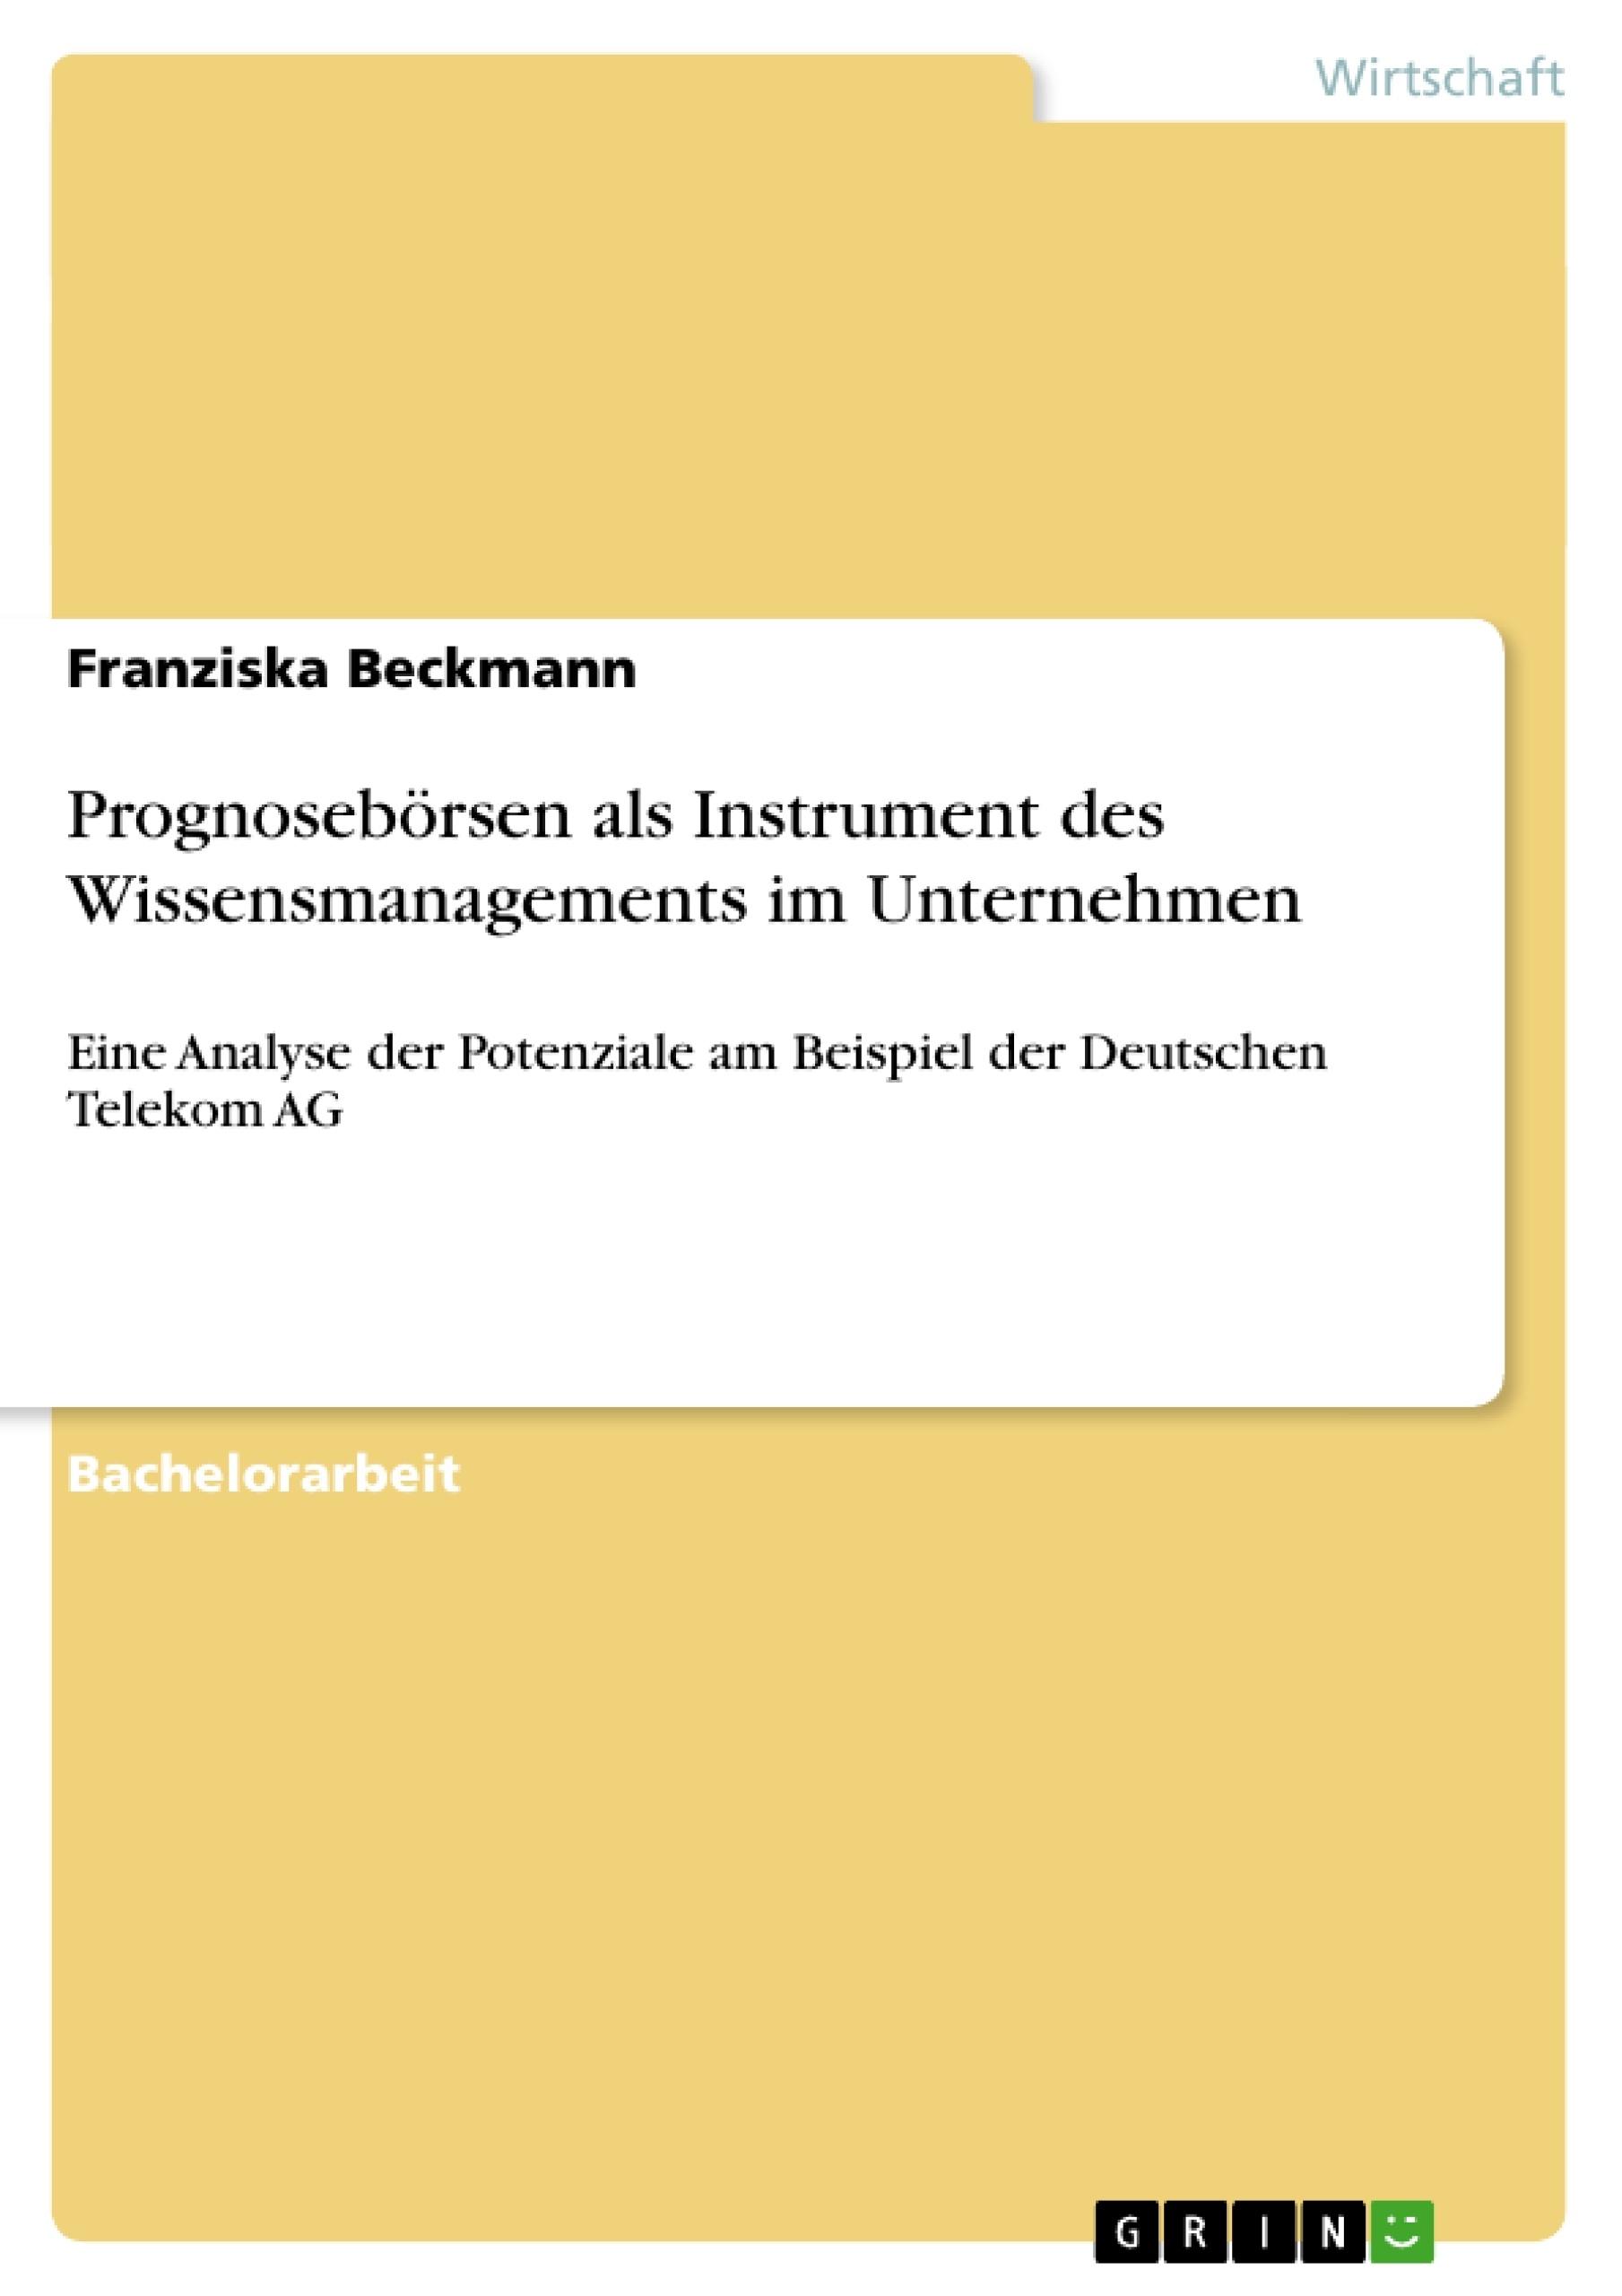 Titel: Prognosebörsen als Instrument des Wissensmanagements im Unternehmen